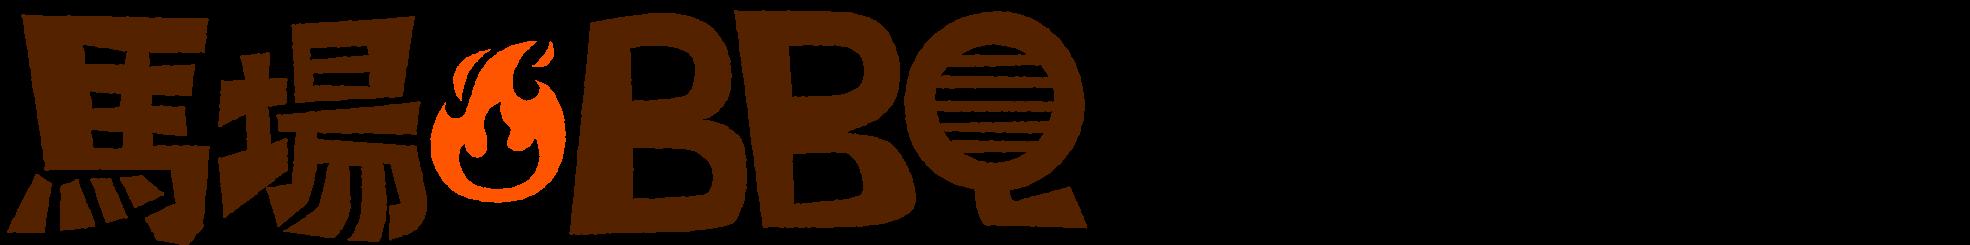 笠松競馬で馬場BBQ・バババーベキュー|岐阜のナイターBBQ at 笠松けいば場